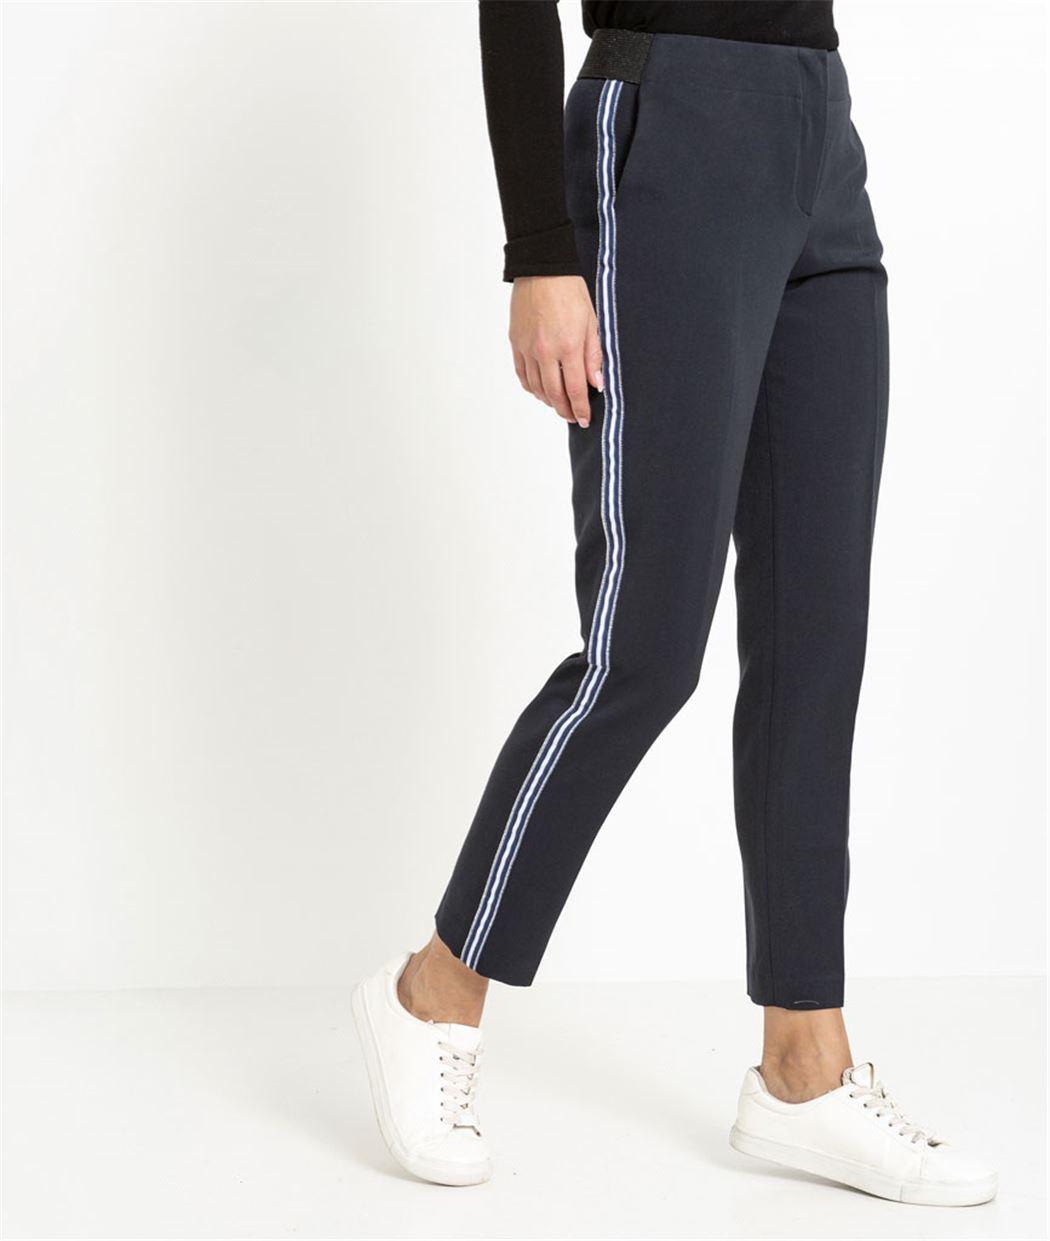 Pantalon femme droit avec bandes rayées MARINE